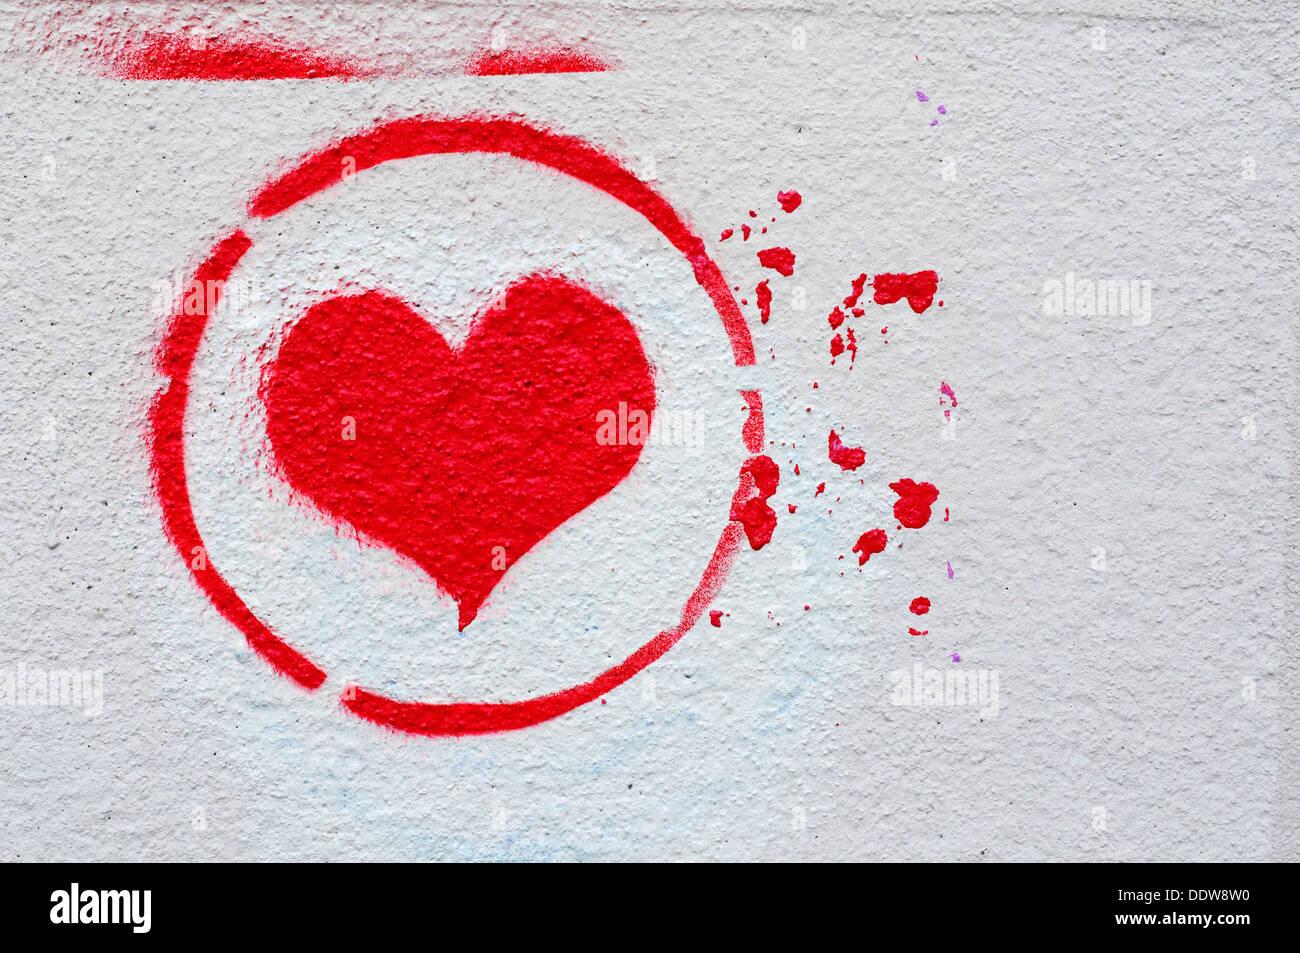 Cuore Graffiti spruzzato su una parete Immagini Stock